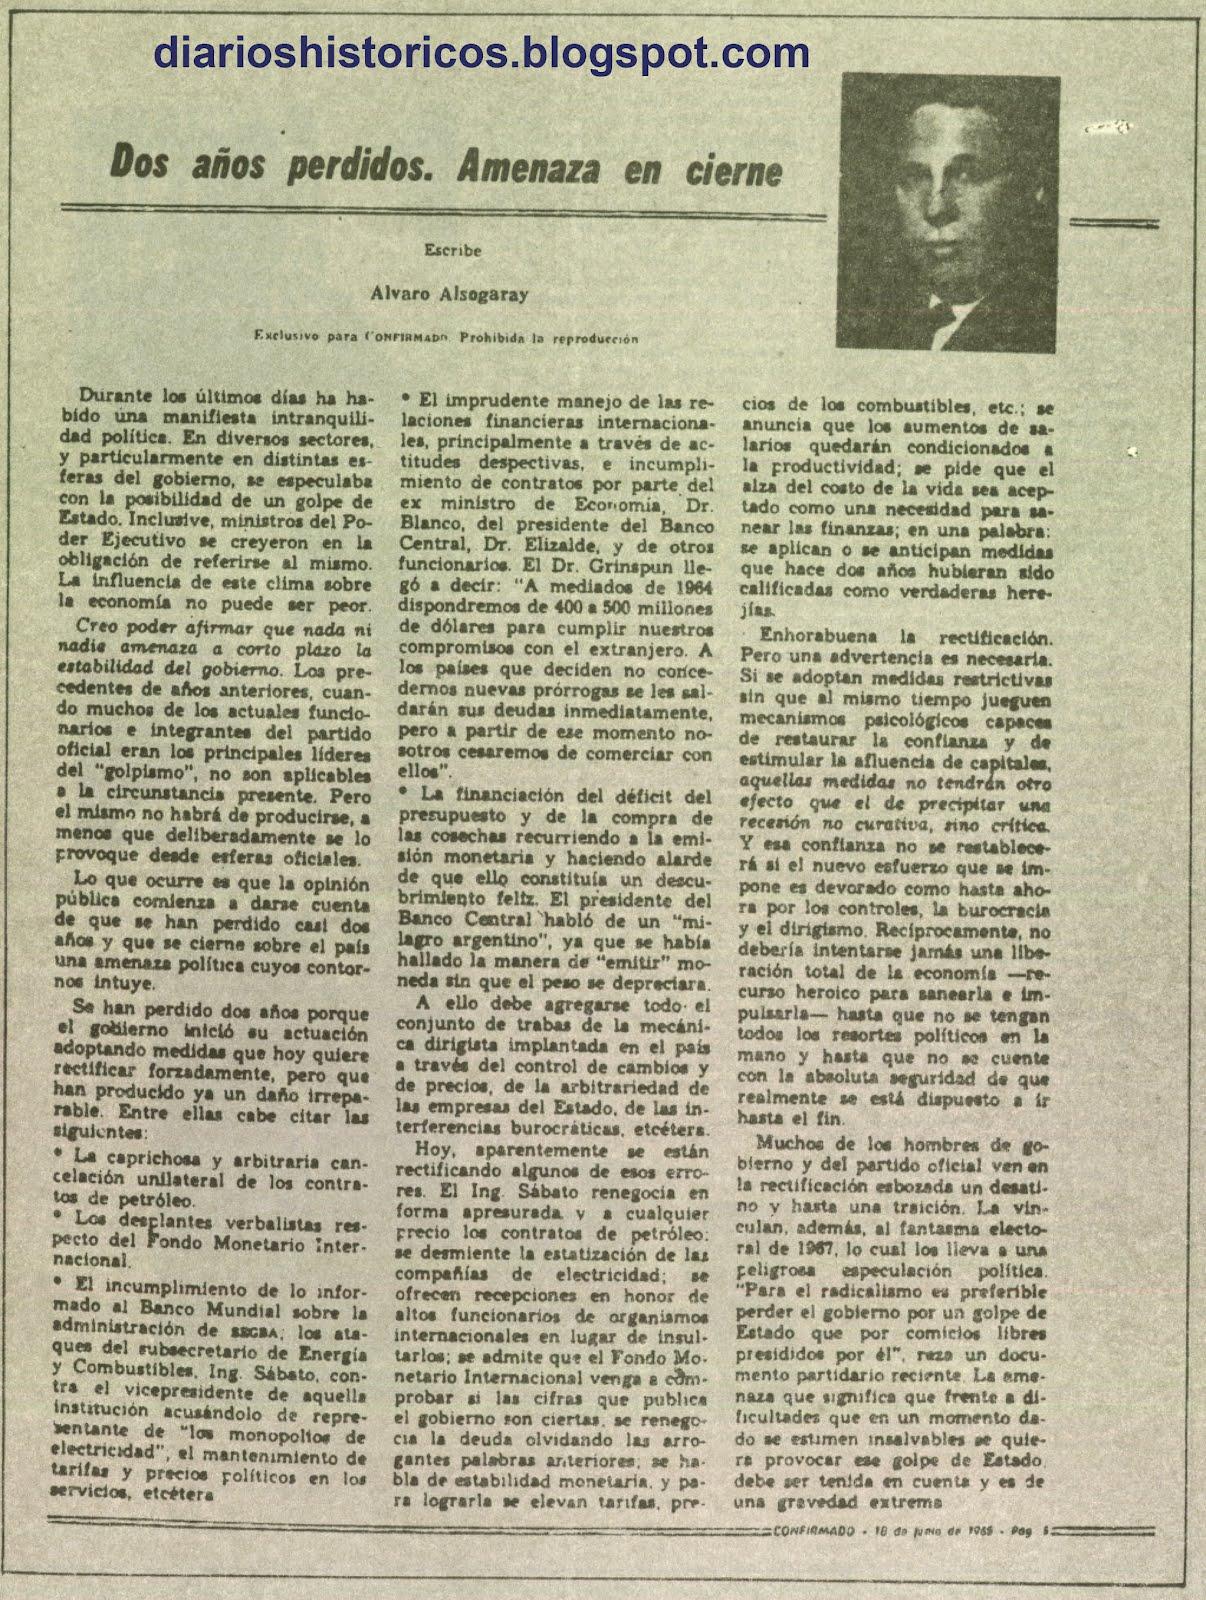 1945 1983 de 22 de junio: